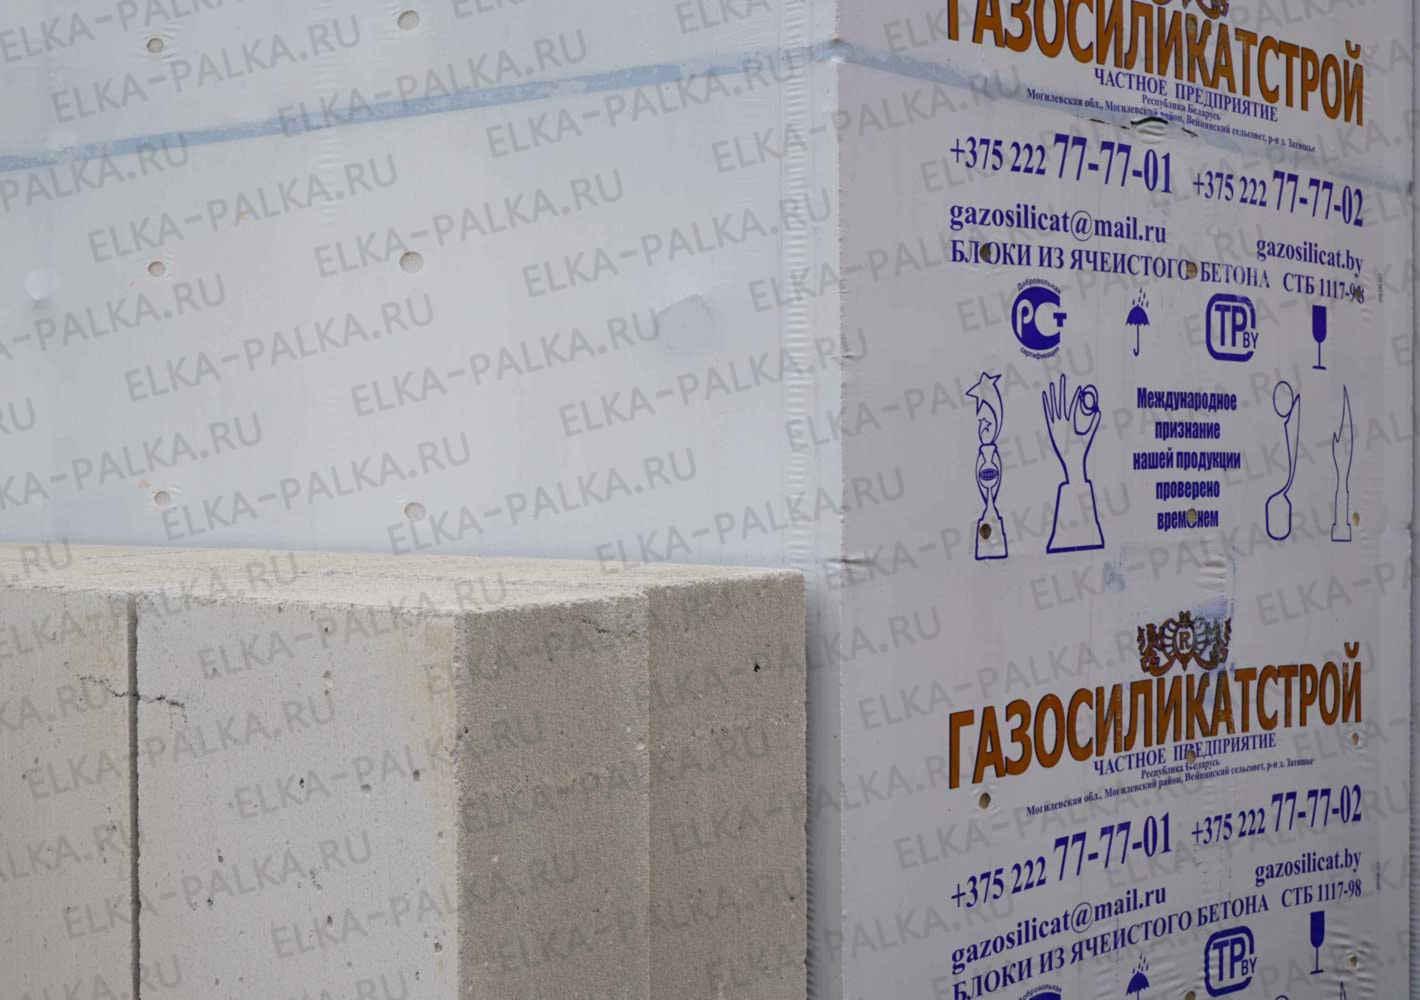 Блоки из ячеистого бетона: применение, виды и особенности